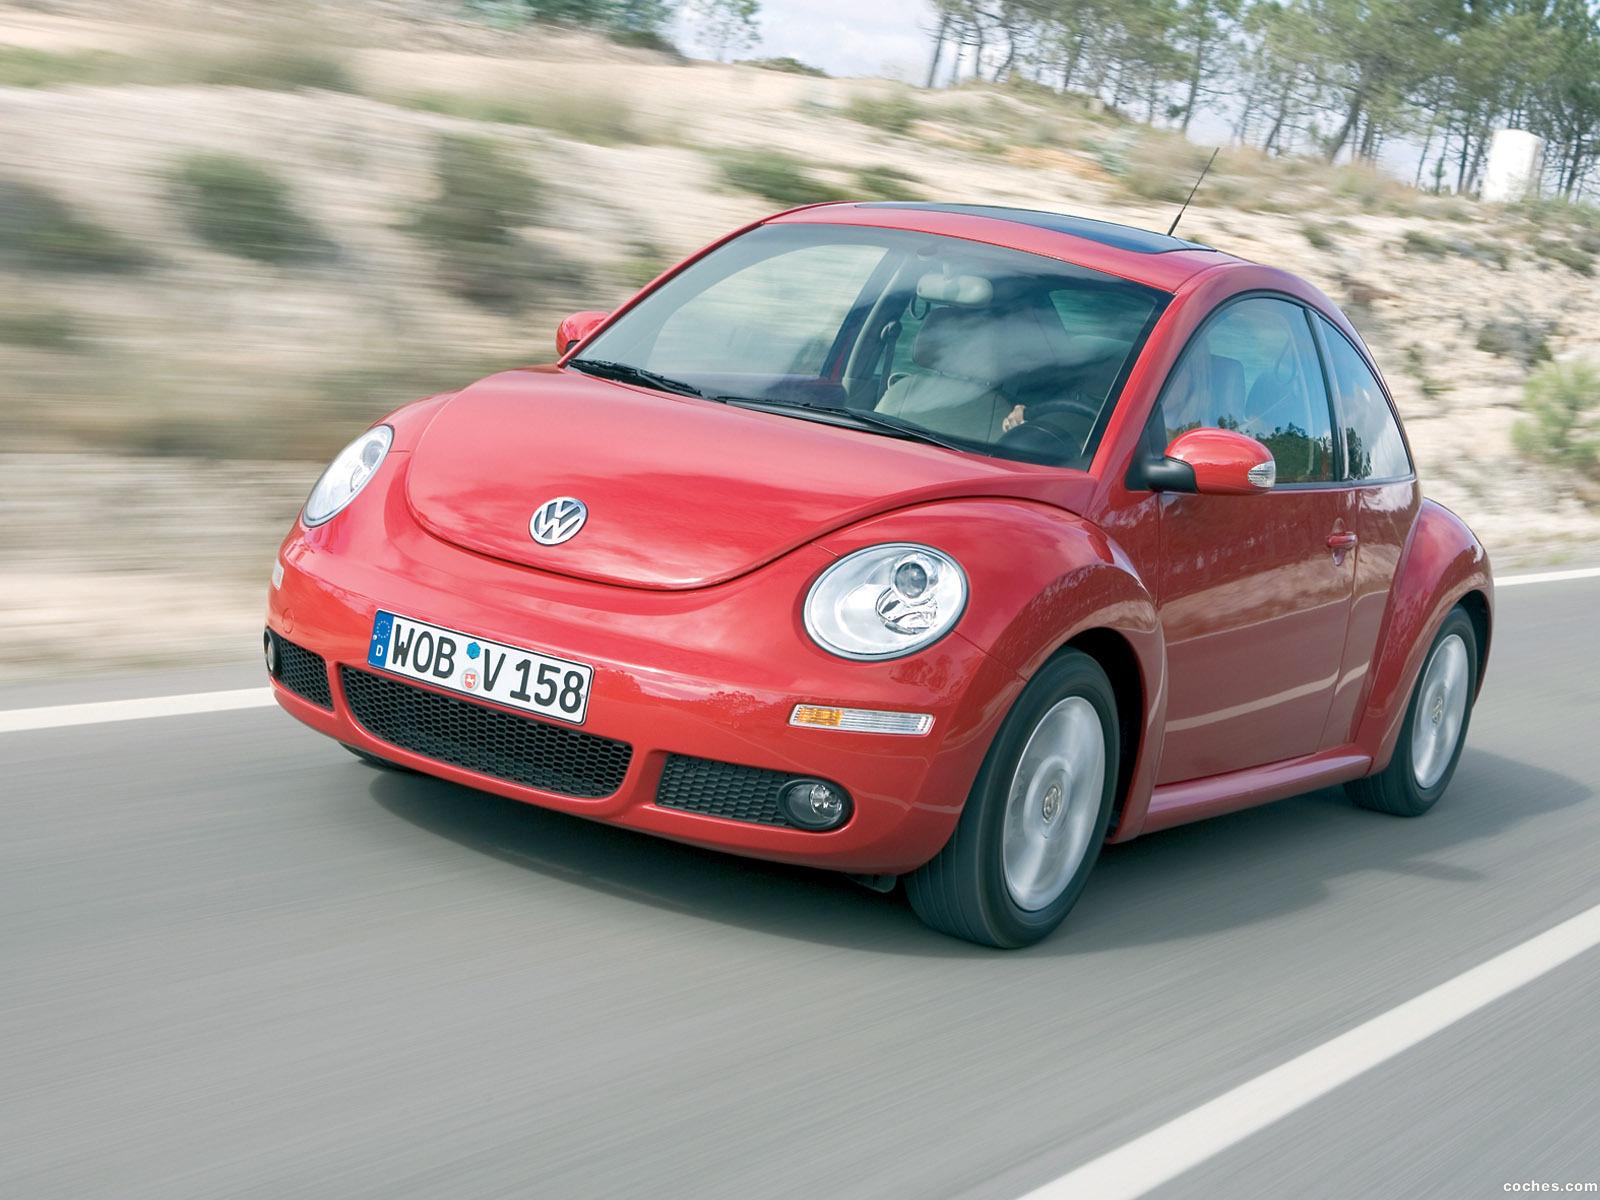 Foto 2 de Volkswagen New Beetle 2006